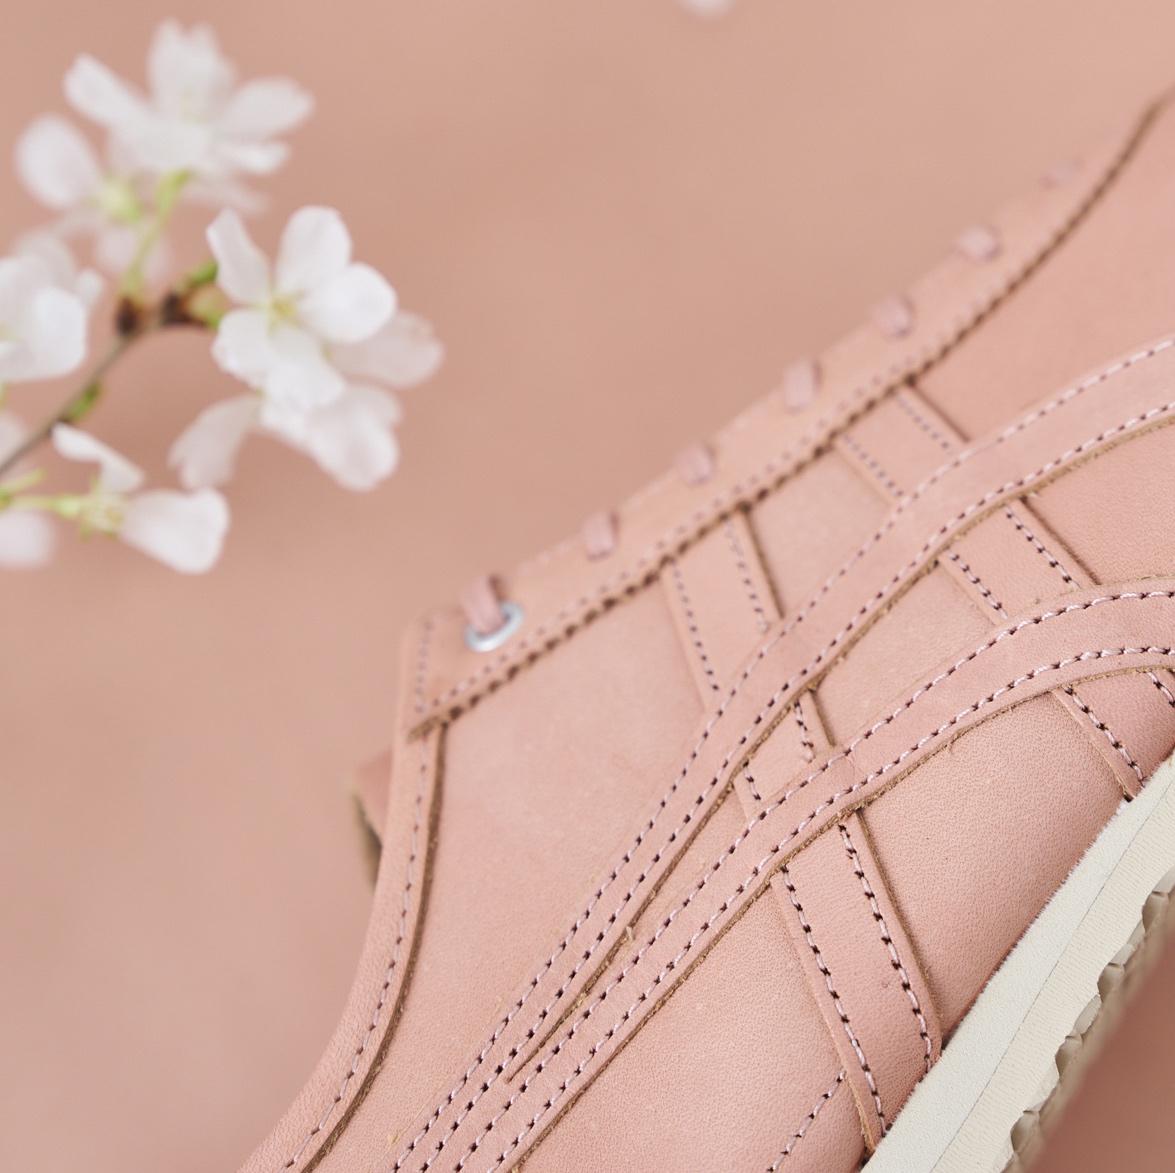 「本物の桜から作った」オニツカタイガーの新作スニーカー